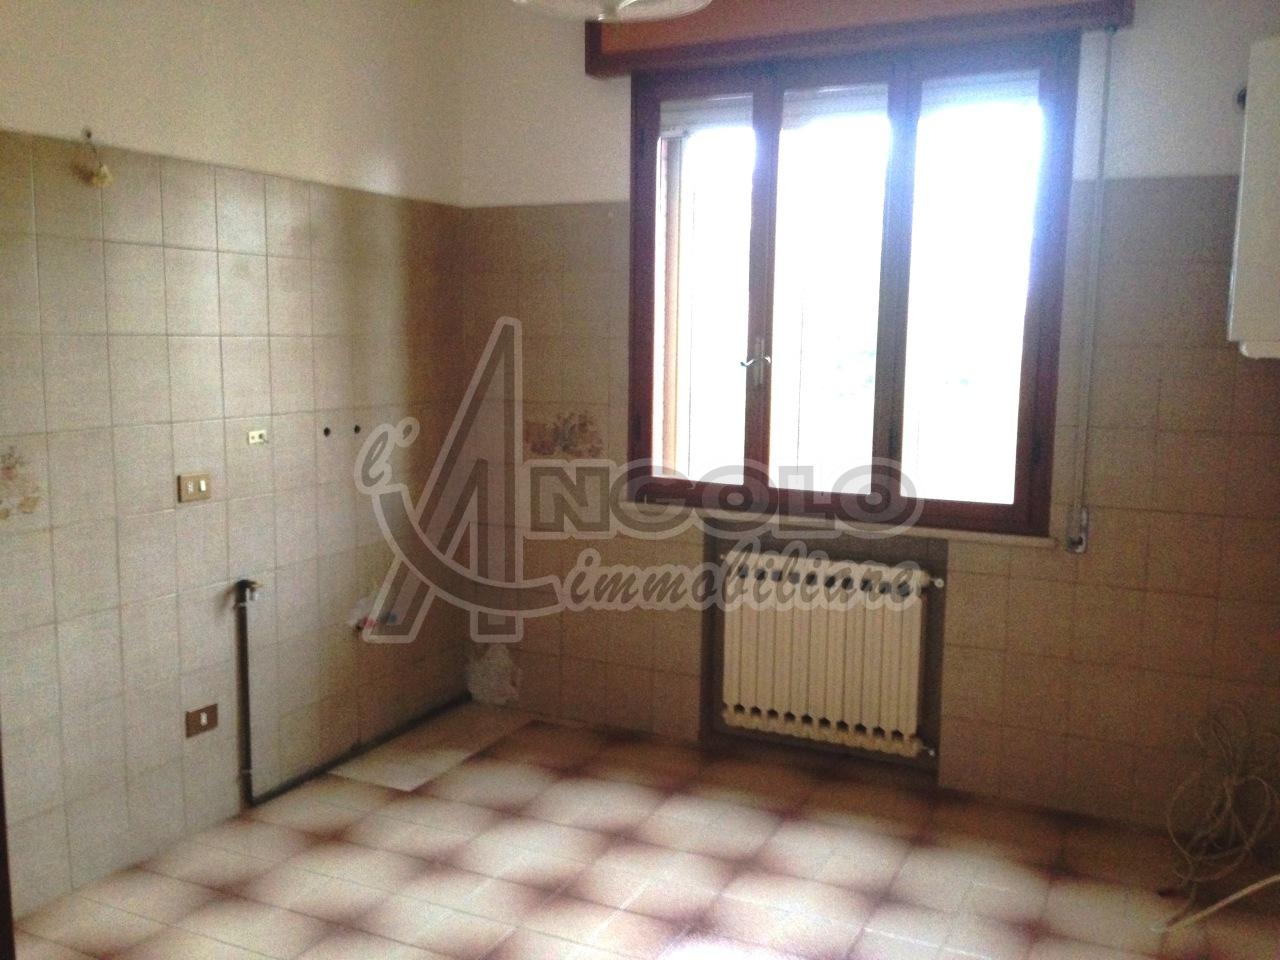 Appartamento in affitto a Occhiobello, 5 locali, prezzo € 430 | Cambio Casa.it